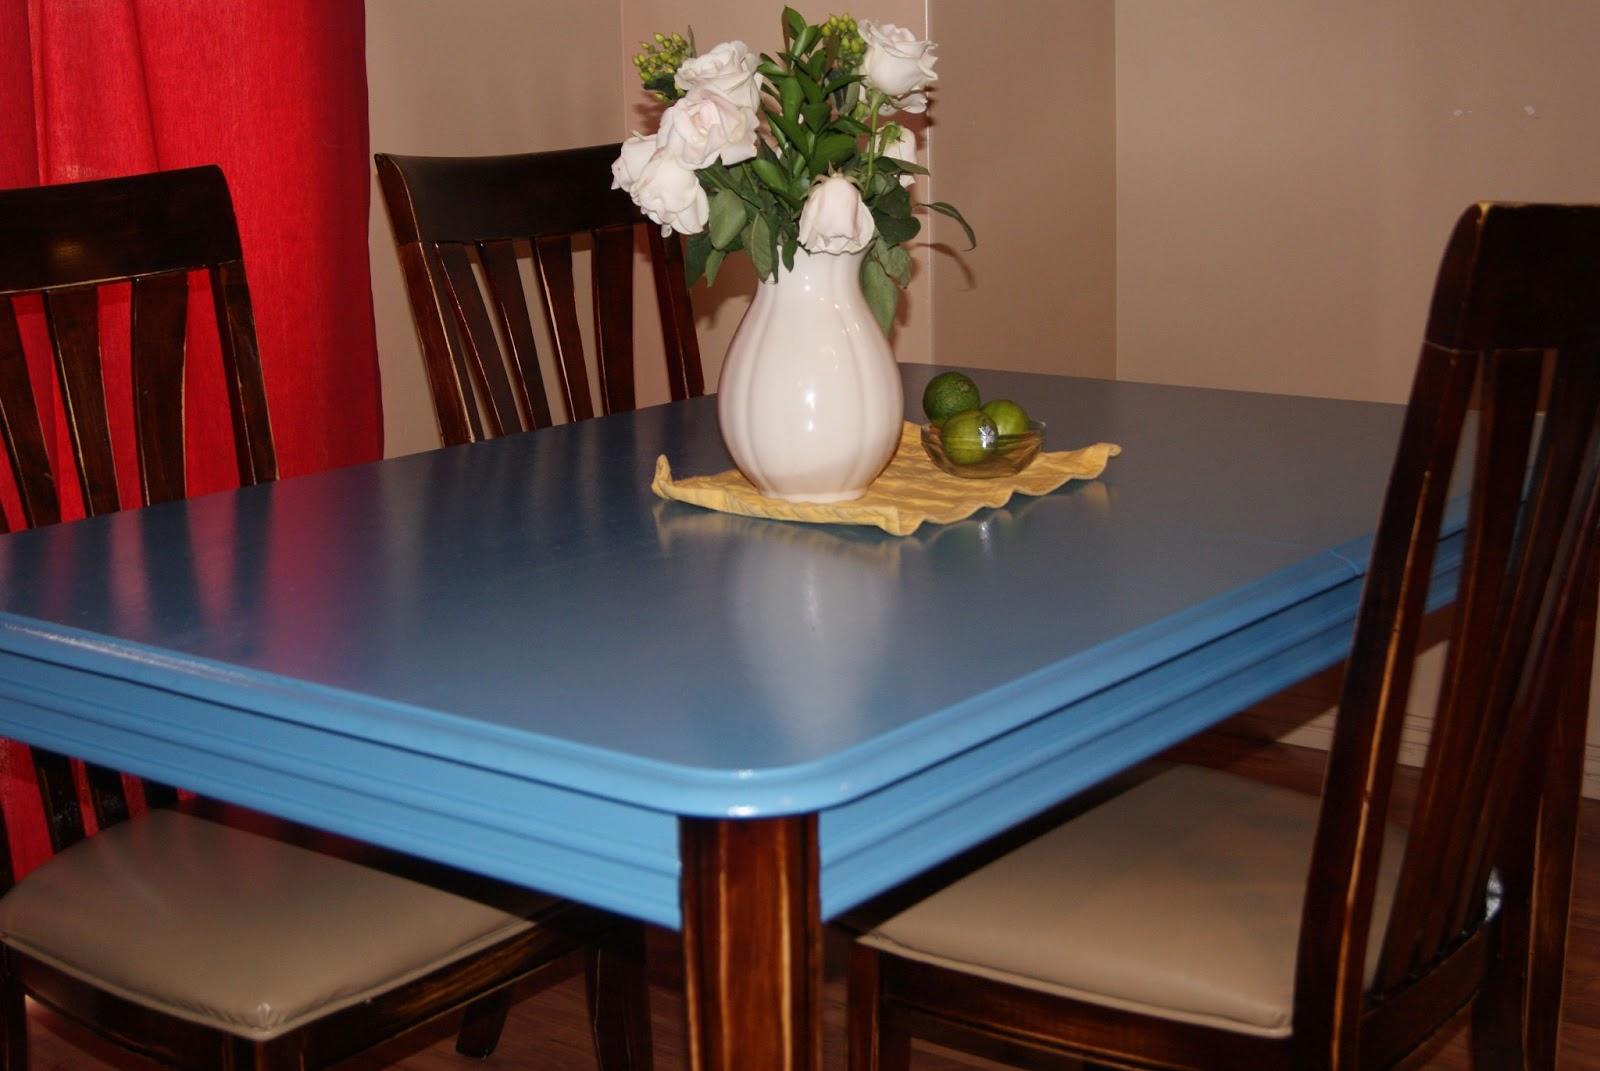 Pasos para pintar un mueble de madera decorando - Pintar un mueble ...